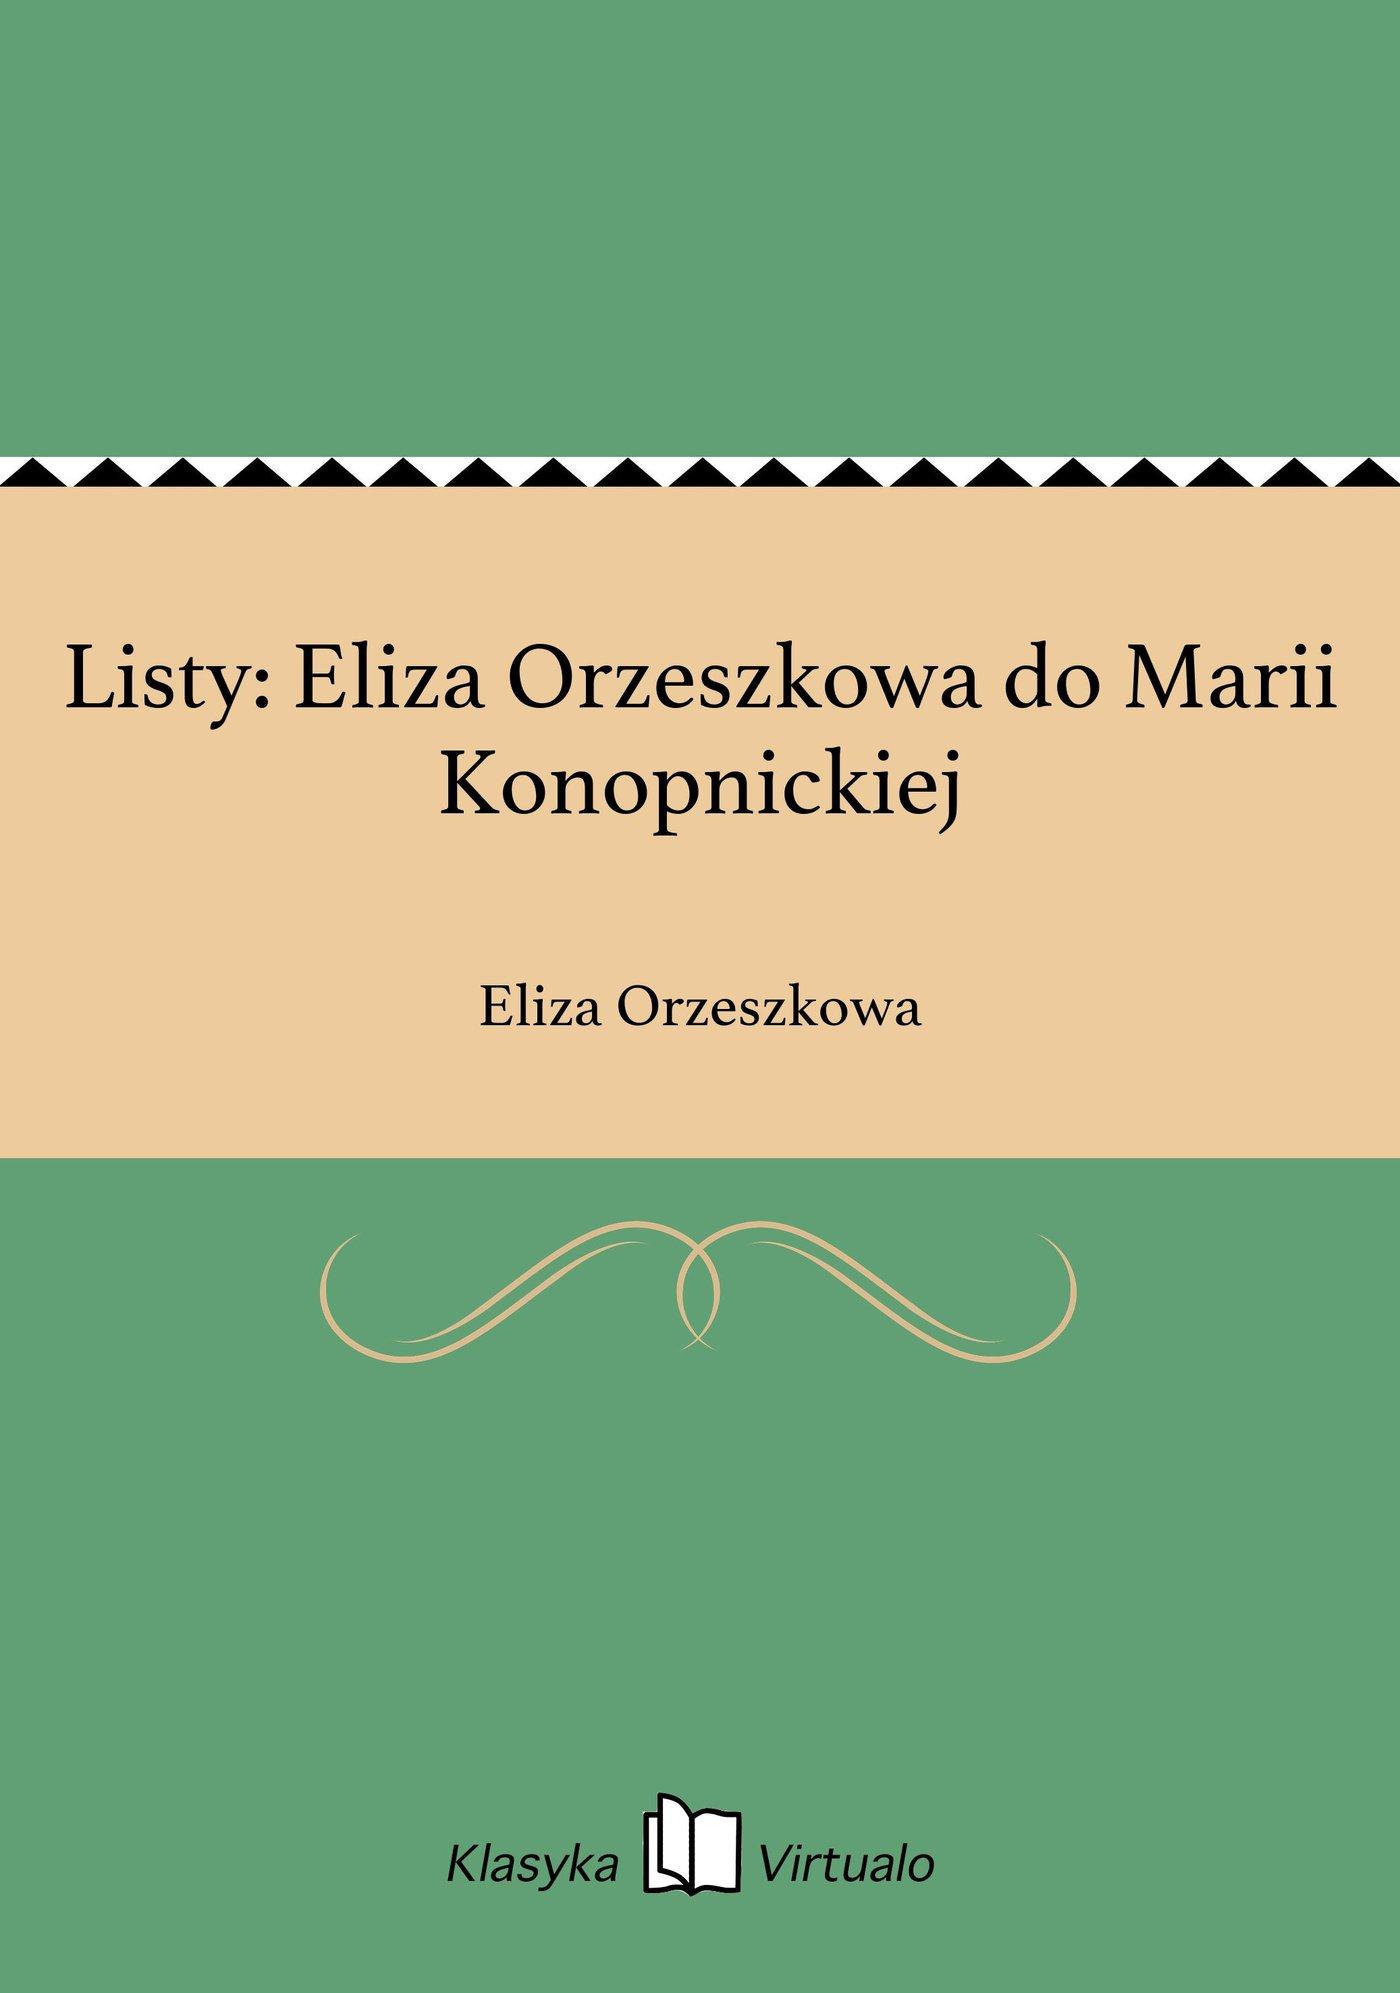 Listy: Eliza Orzeszkowa do Marii Konopnickiej - Ebook (Książka EPUB) do pobrania w formacie EPUB